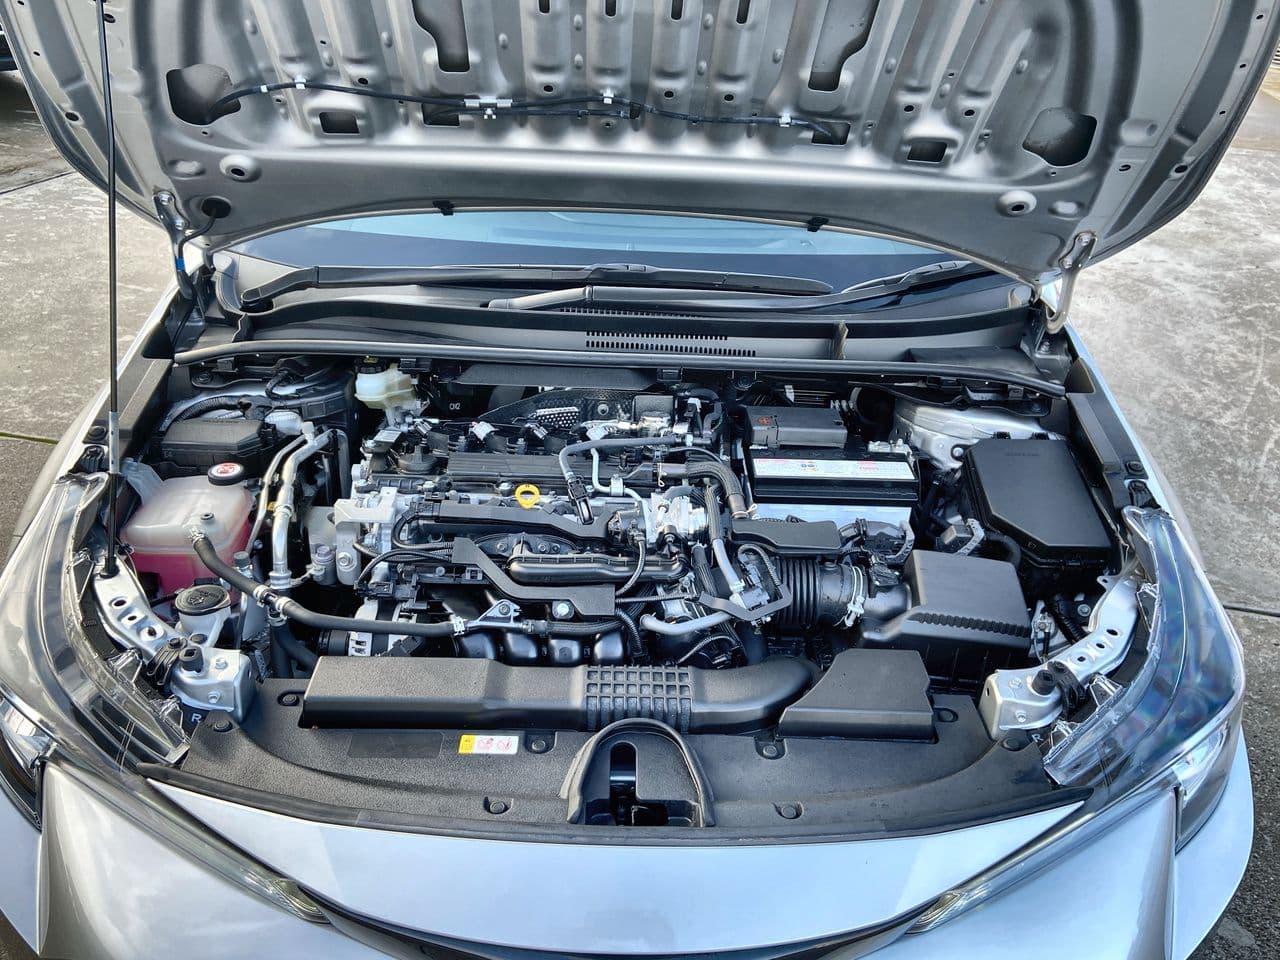 2018 Toyota Corolla SX Auto - image 20